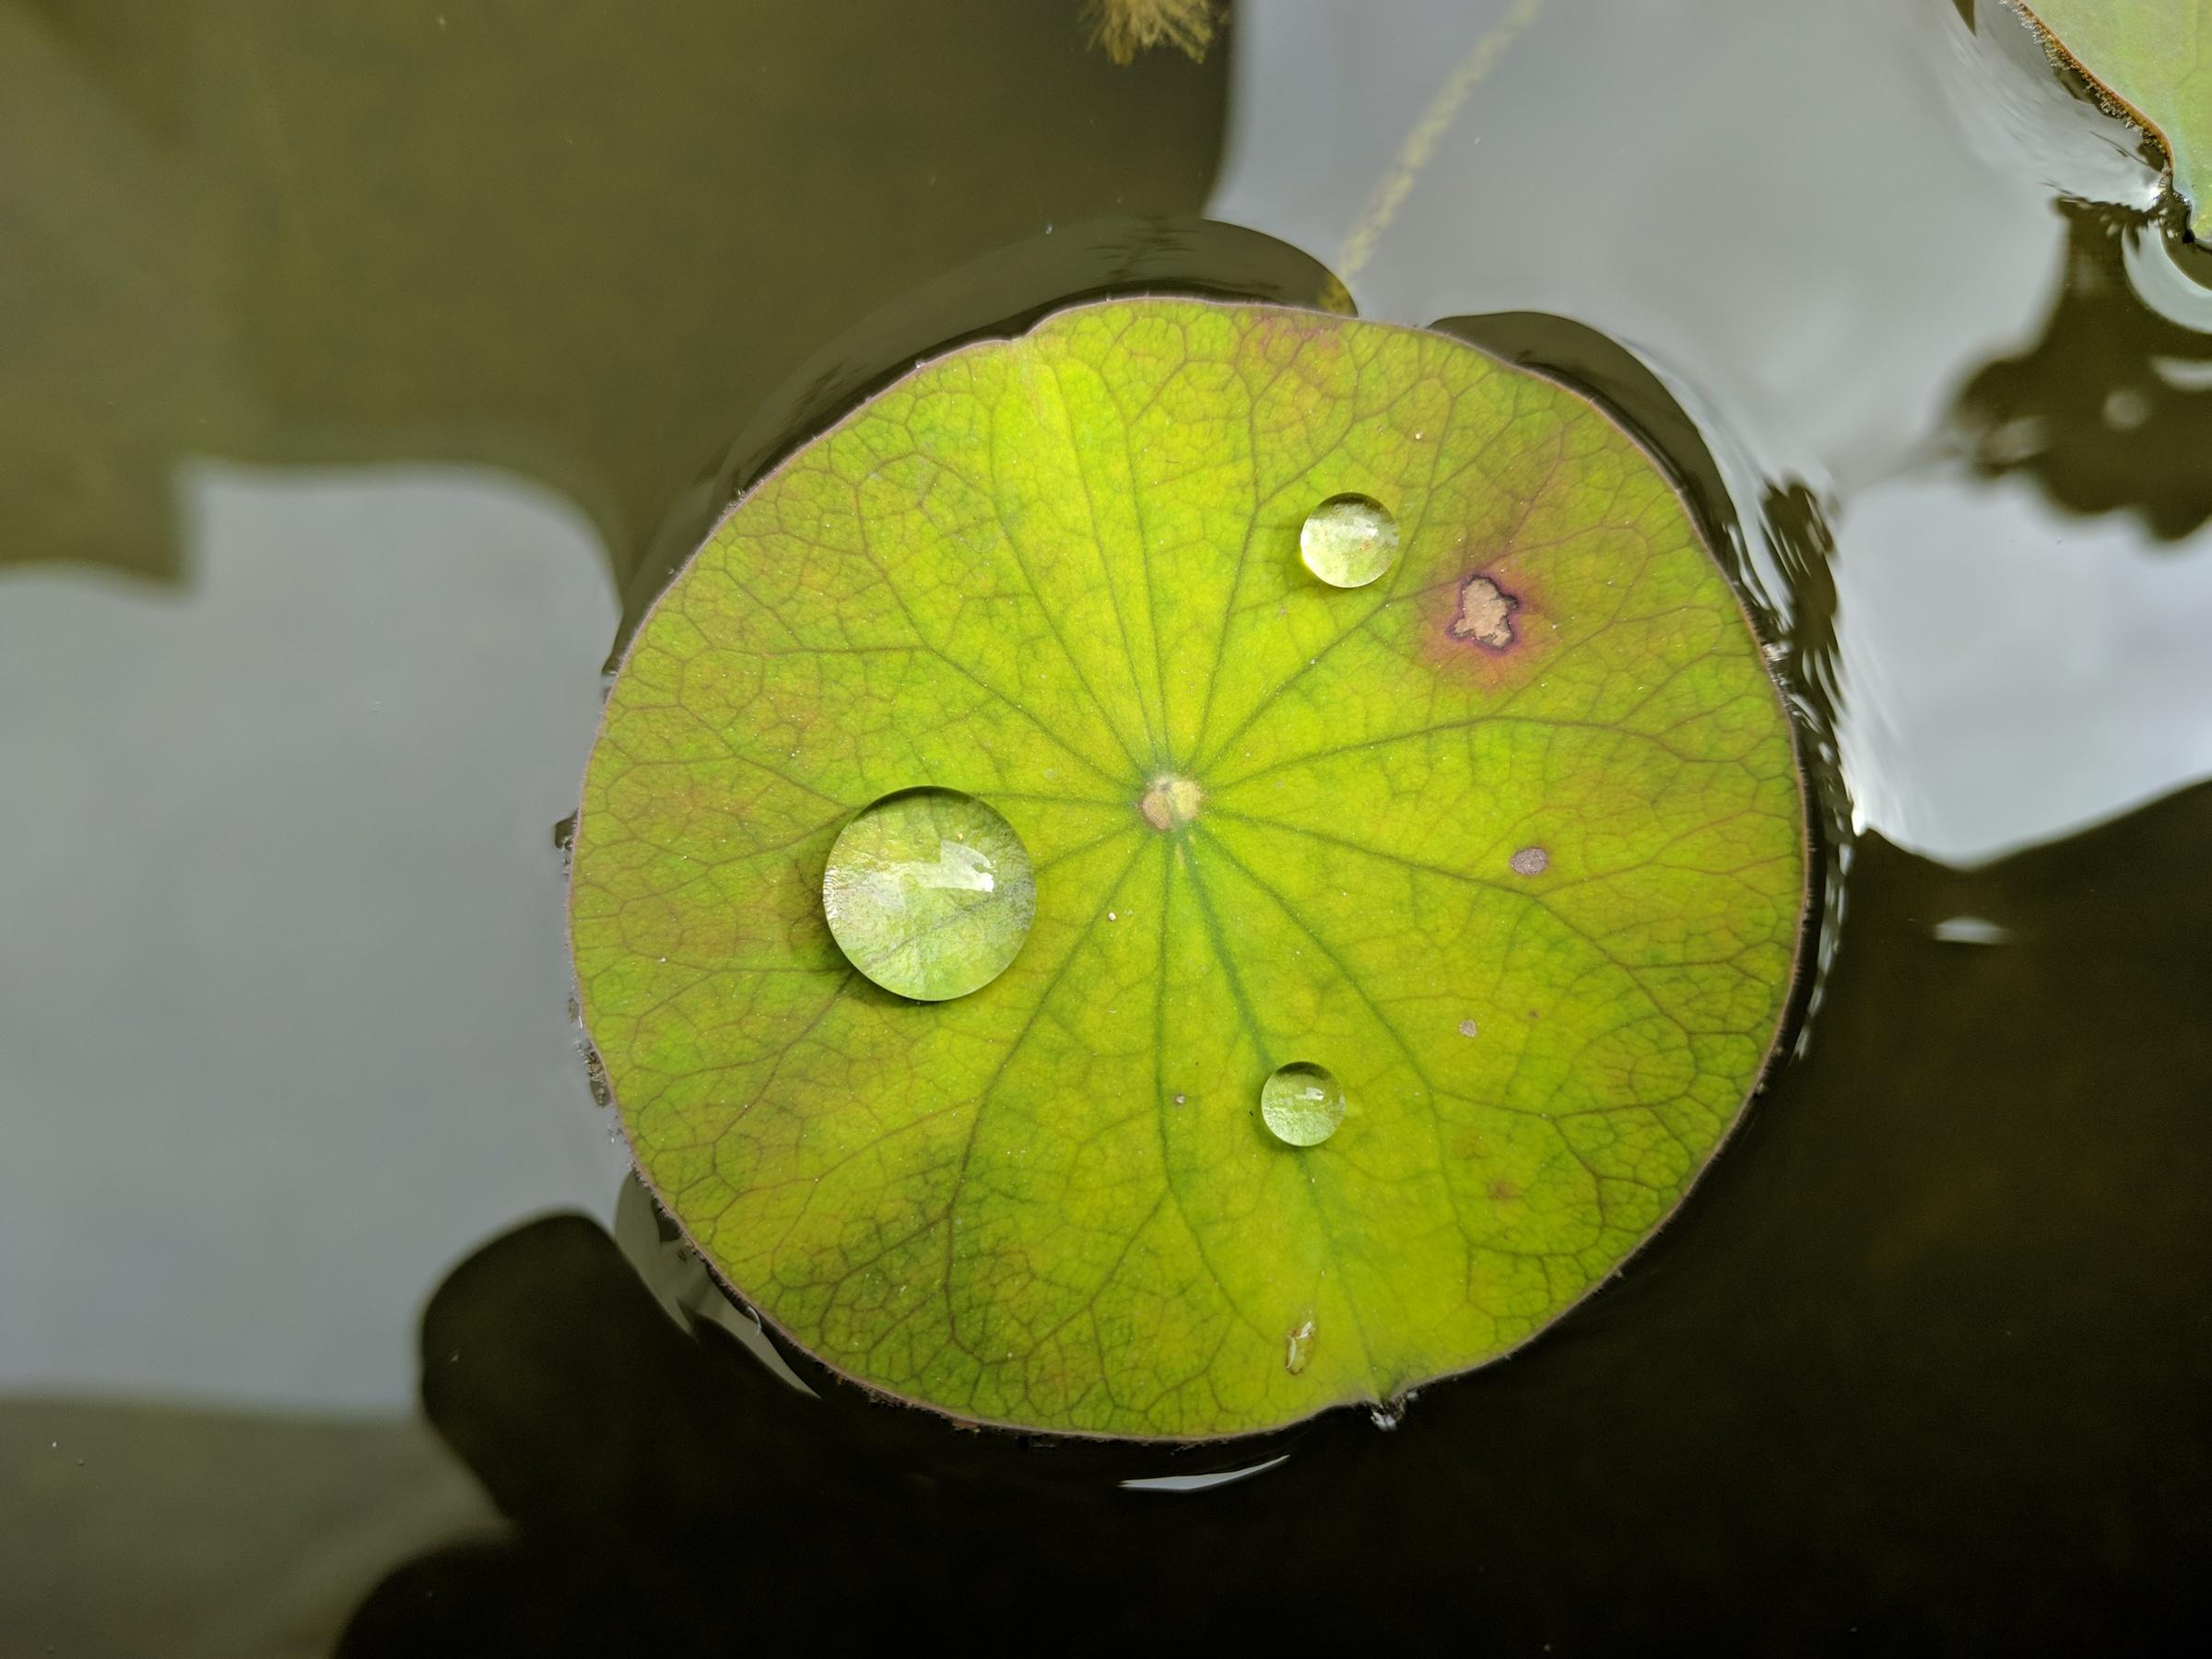 Lotus leaf veins and water droplets